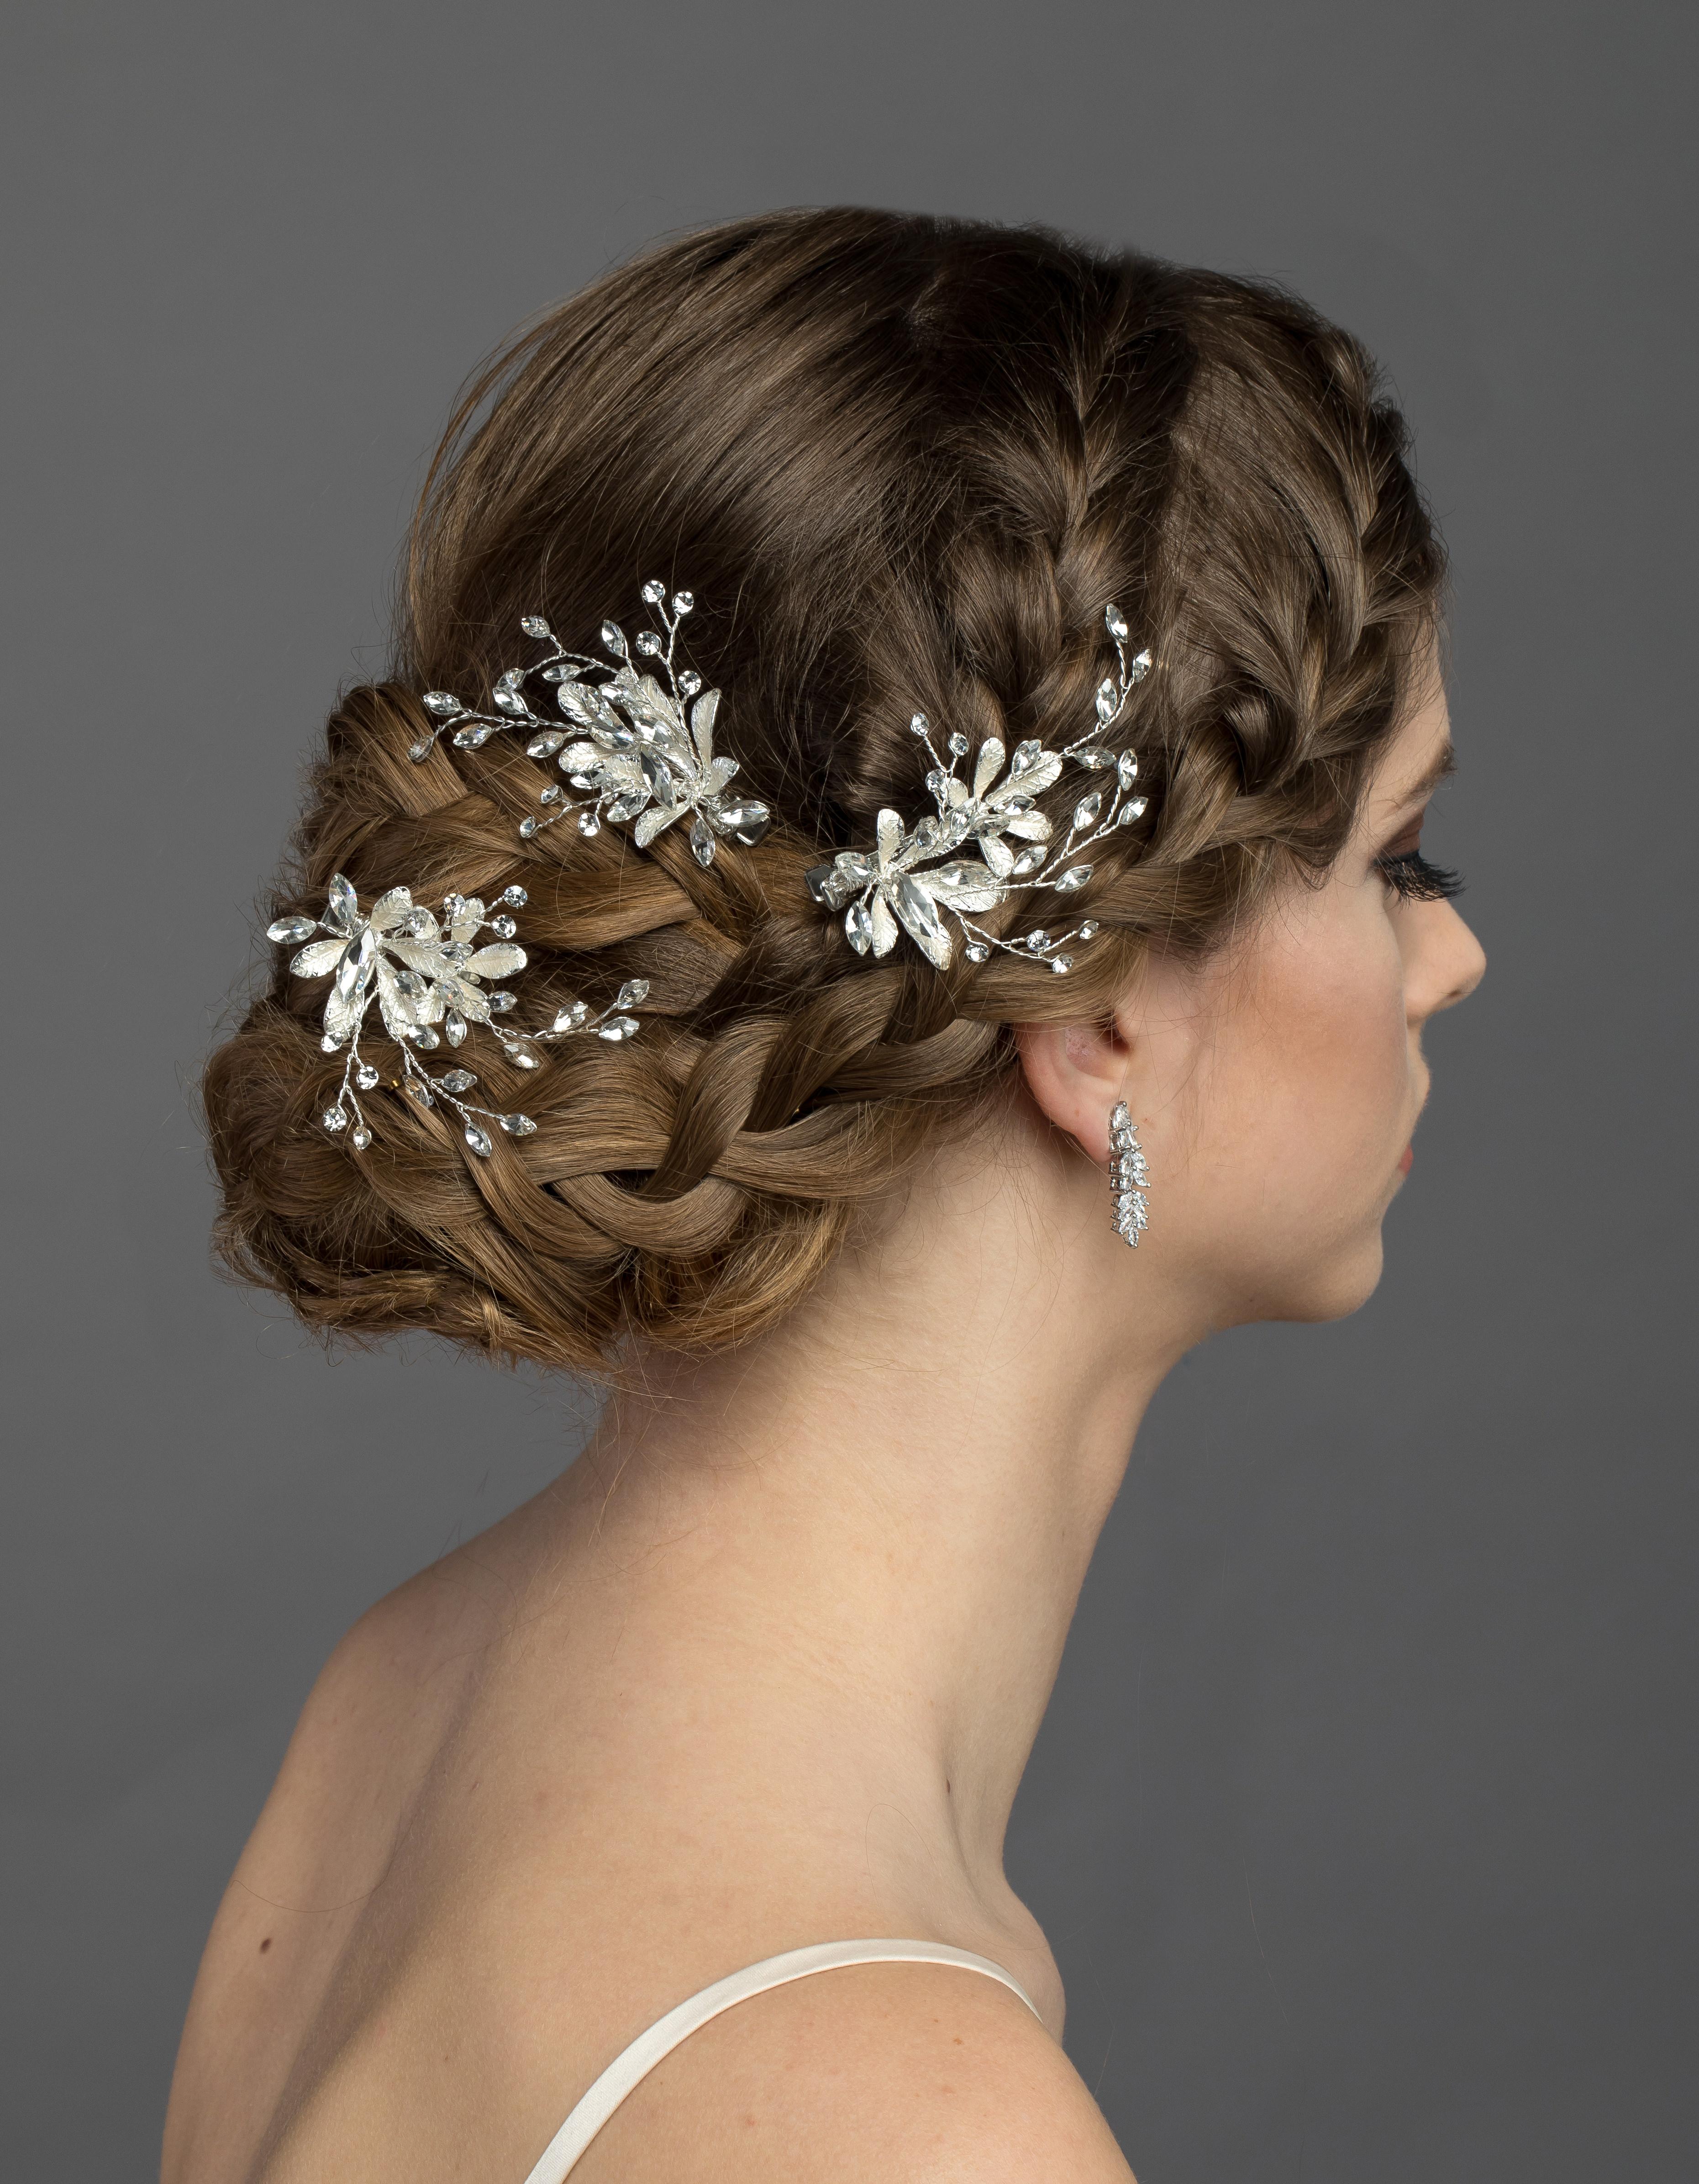 Bridal Classics Hair Combs & Clips T-4369